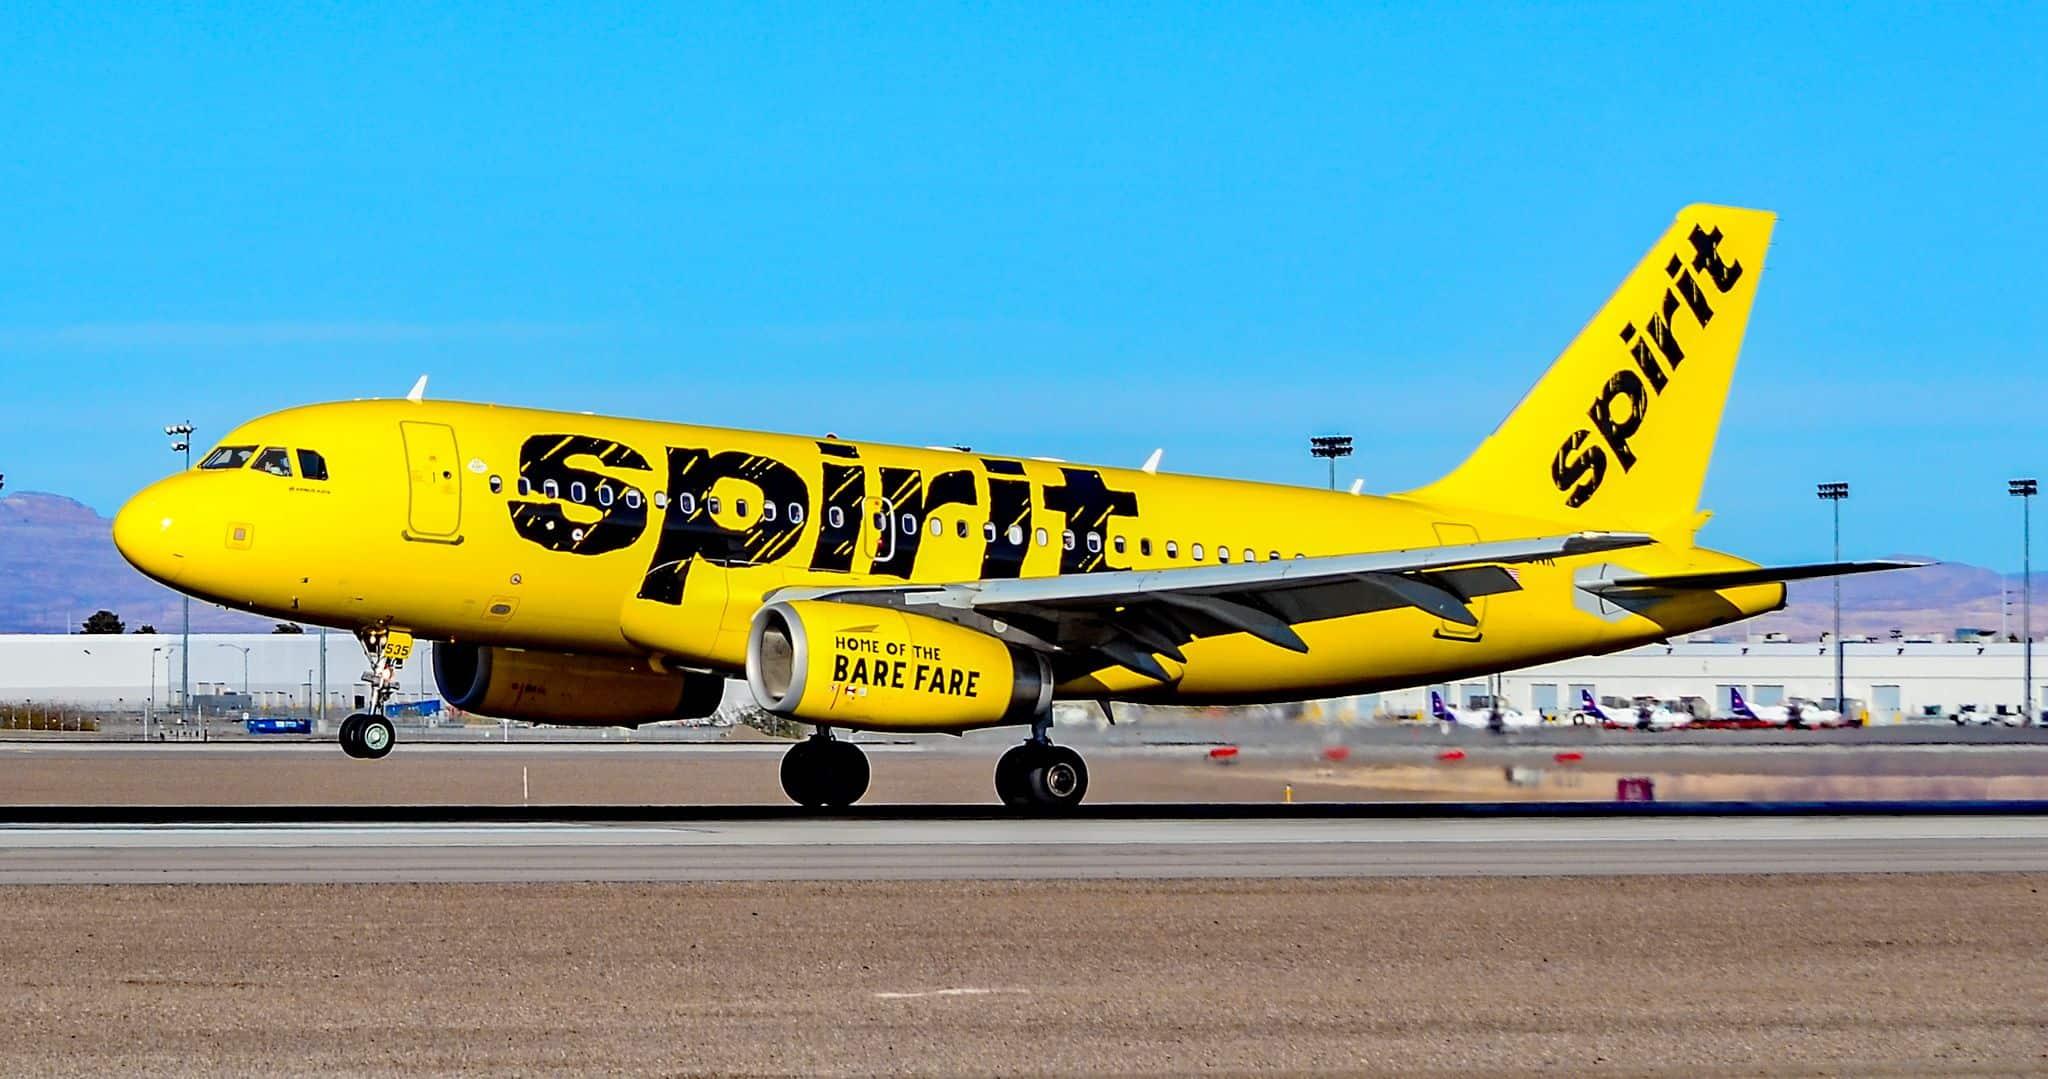 Résultats de ponctualité: Spirit Airlines premier, Air Canada dernier